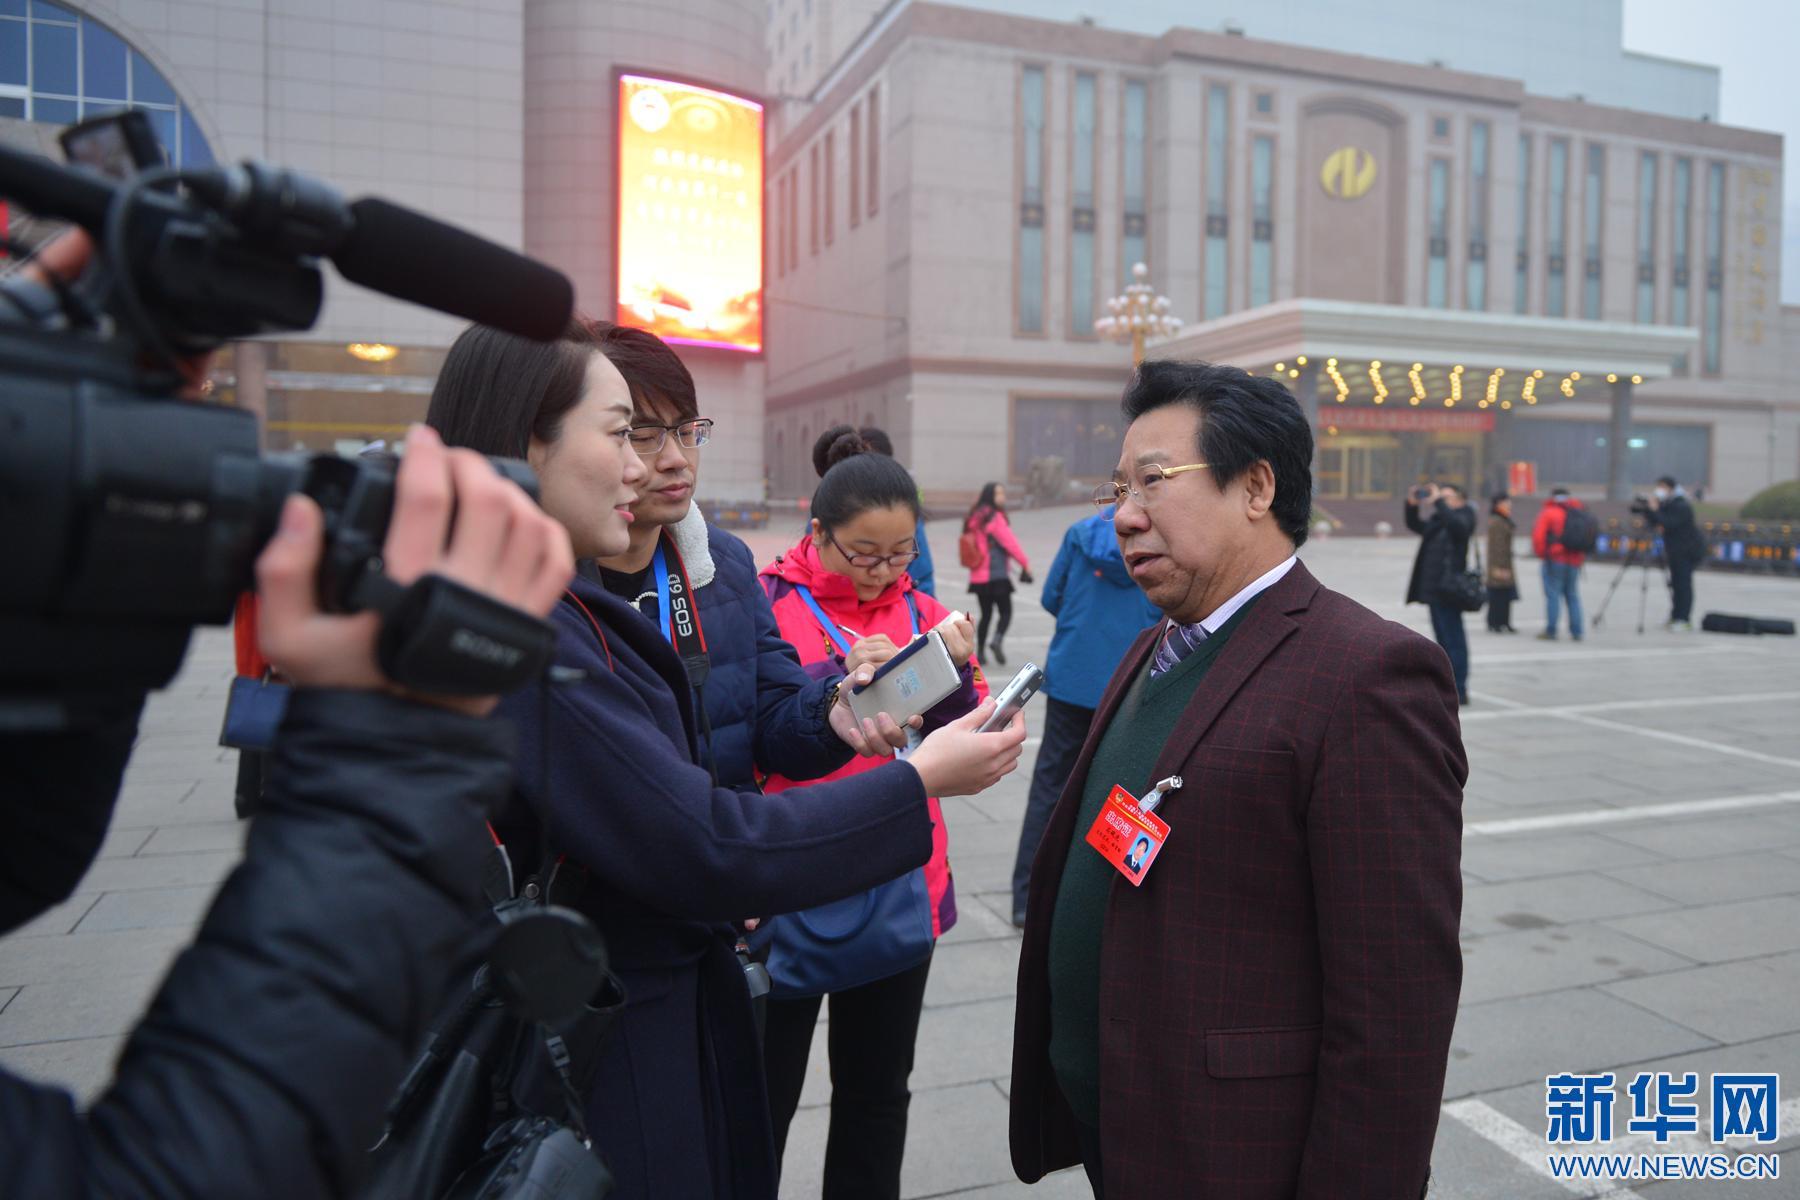 图片直击:河北省政协十一届五次会议今日开幕